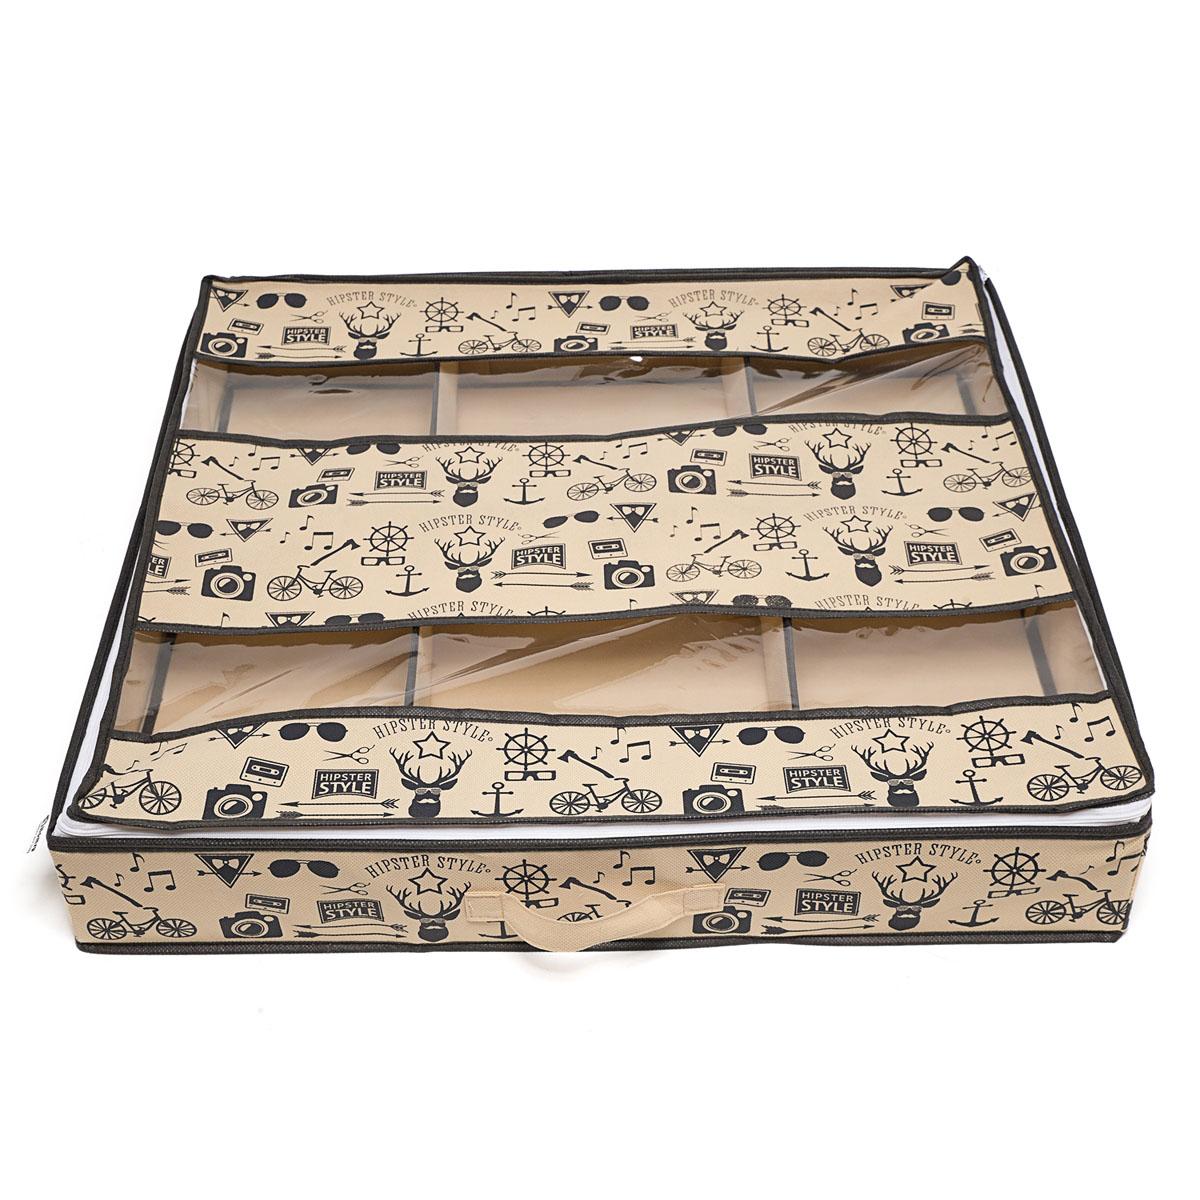 Органайзер для хранения обуви Hipster Style, 6 секций, 66 х 63 х 11 смHOM-120Компактный складной органайзер Homsu Hipster Style изготовлен из высококачественного полиэстера, который обеспечивает естественную вентиляцию. Материал позволяет воздуху свободно проникать внутрь, но не пропускает пыль. Органайзер отлично держит форму, благодаря вставкам из плотного картона. Изделие имеет 6 секций для хранения обуви.Такой органайзер позволит вам хранить вещи компактно и удобно. Размер секции: 20 х 32 см.